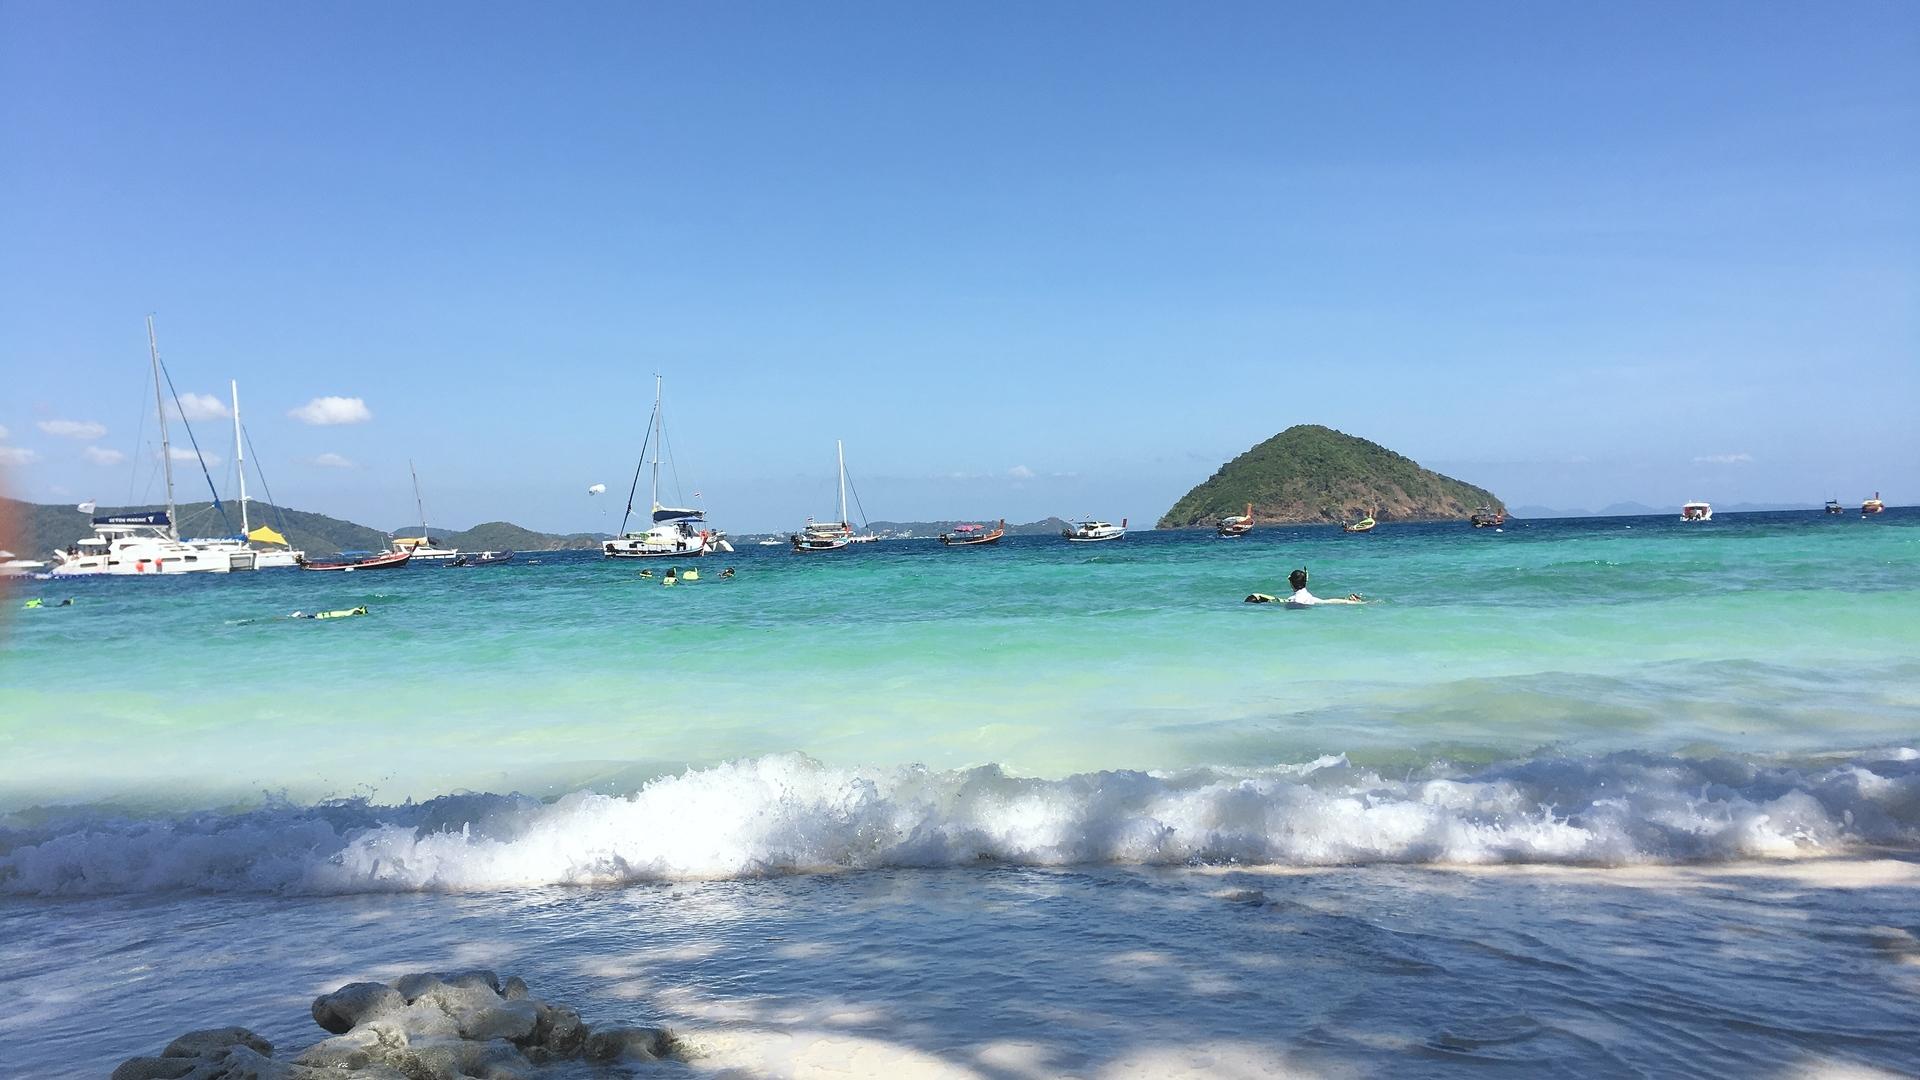 白砂の様に見えて、実はサンゴ礁の砕けた洗い砂利で、決して裸足ではいられません! その情報があれば、ウェットシューズを持って行ったのに!